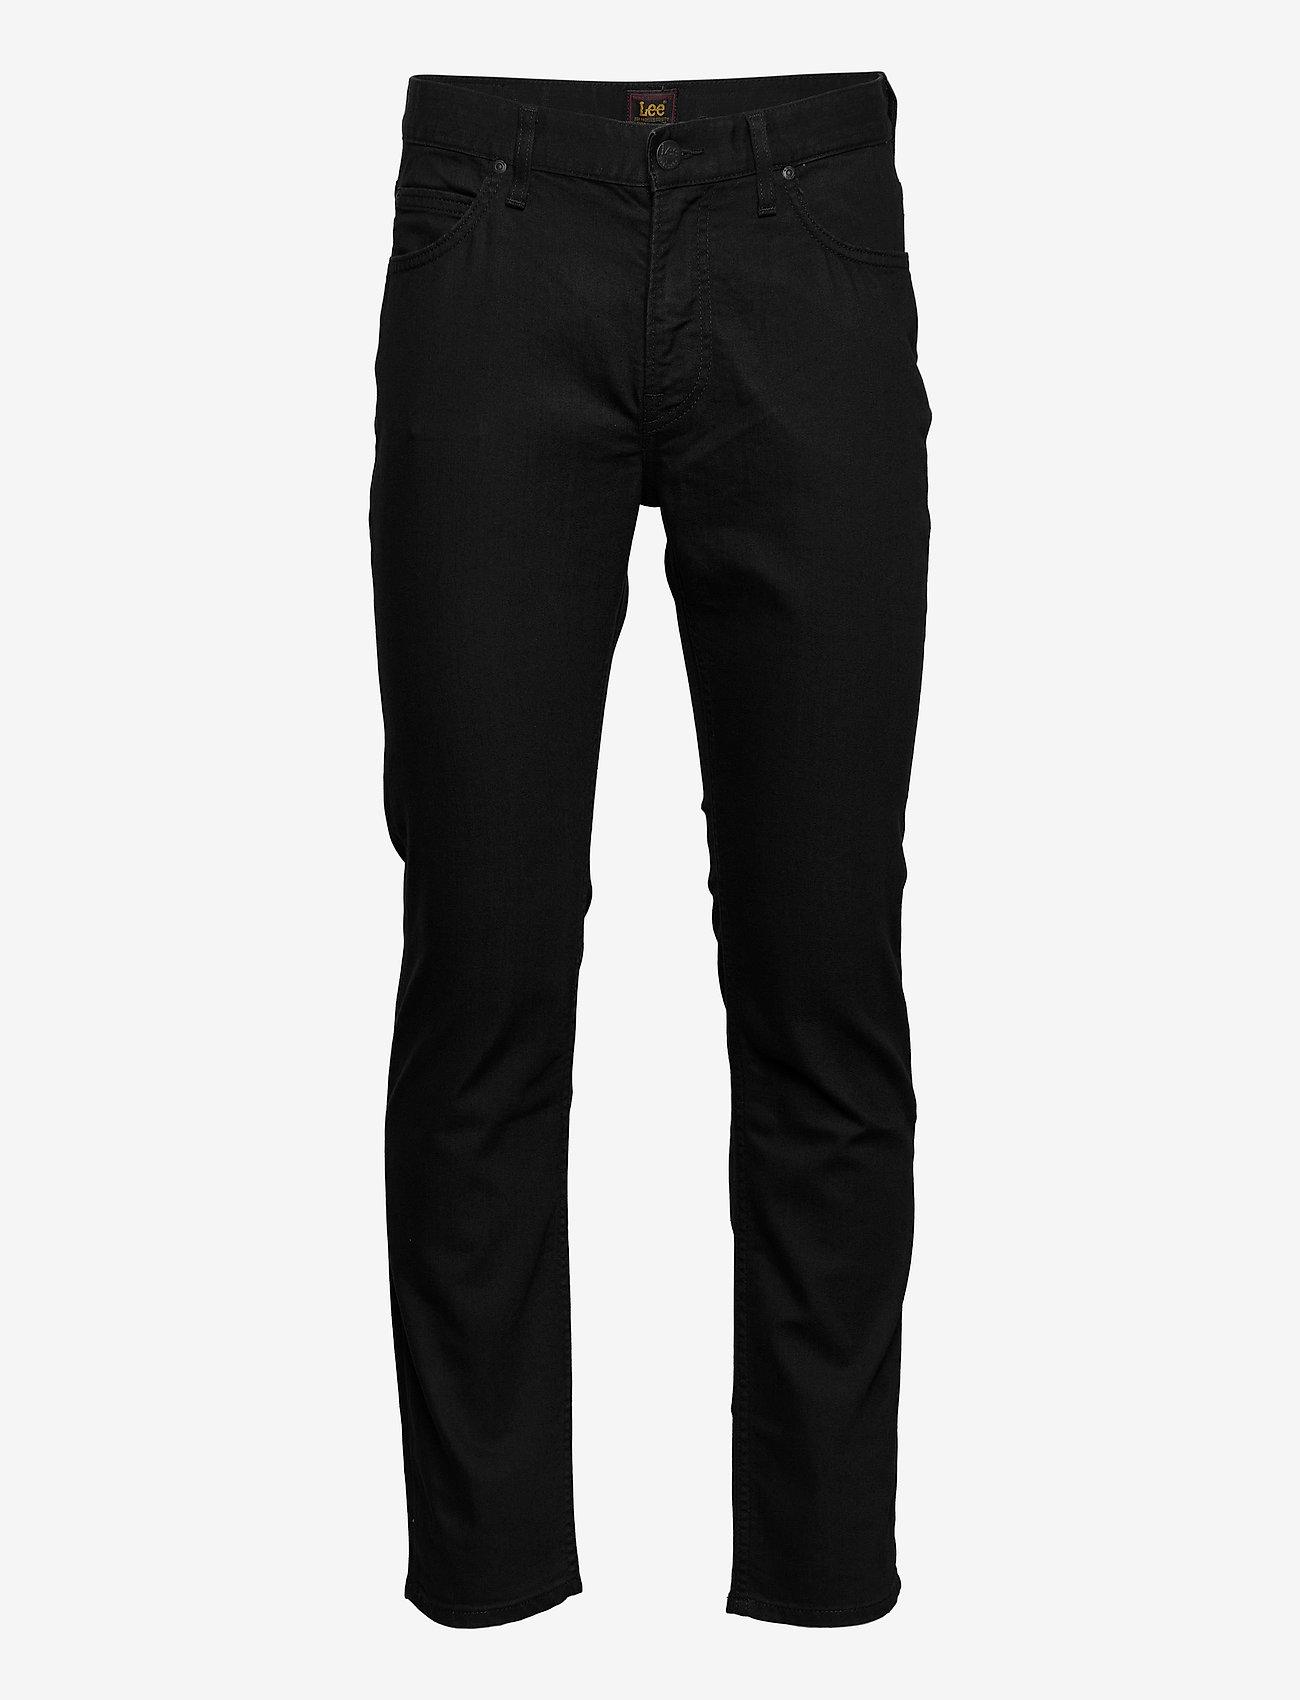 Lee Jeans - RIDER - slim jeans - black rinse - 0